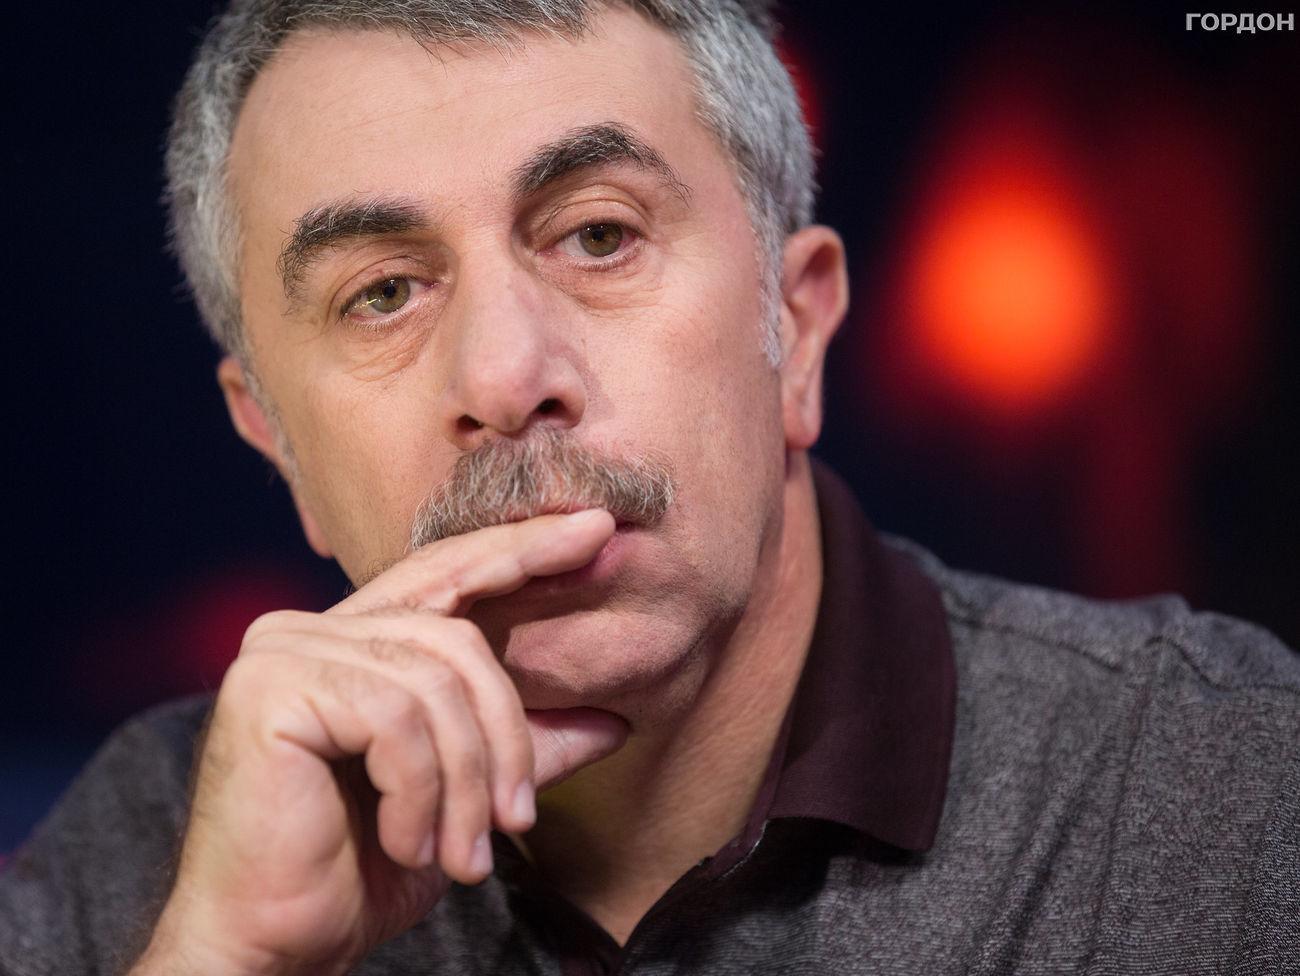 """Комаровский предупредил об опасной детской забаве: """"В Украине уже есть умерший"""""""